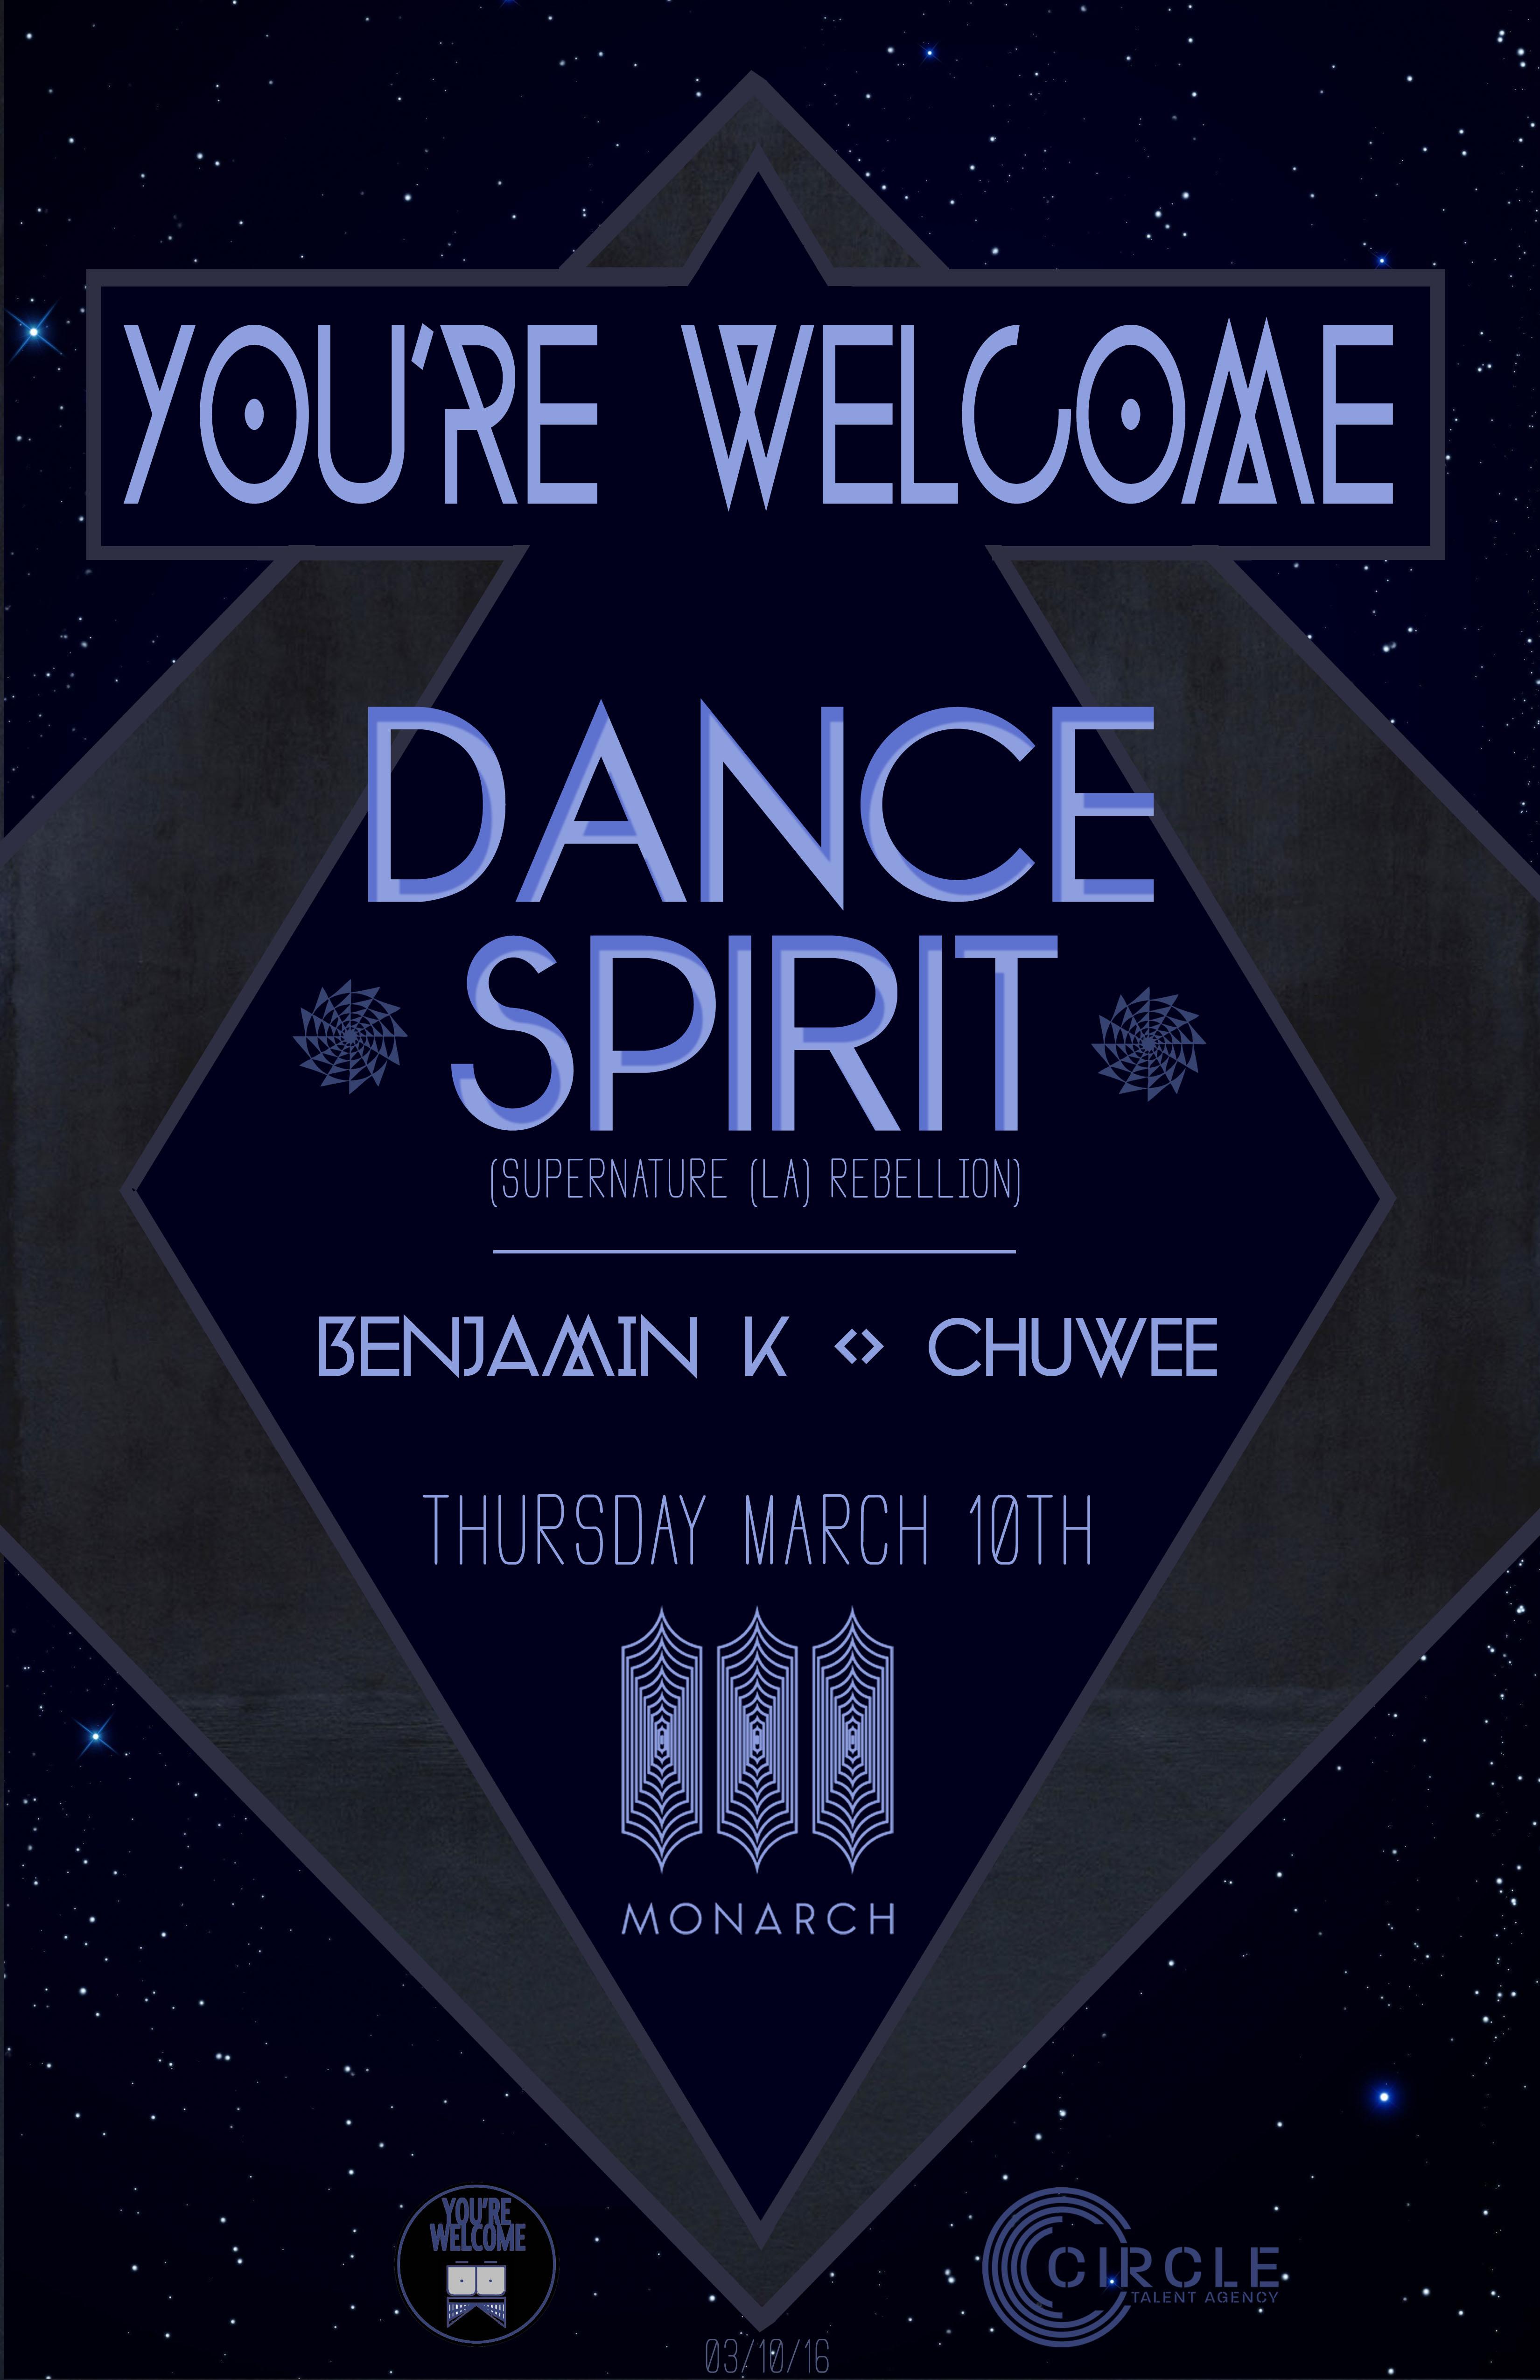 YW-Dance Spirit-3-10-16